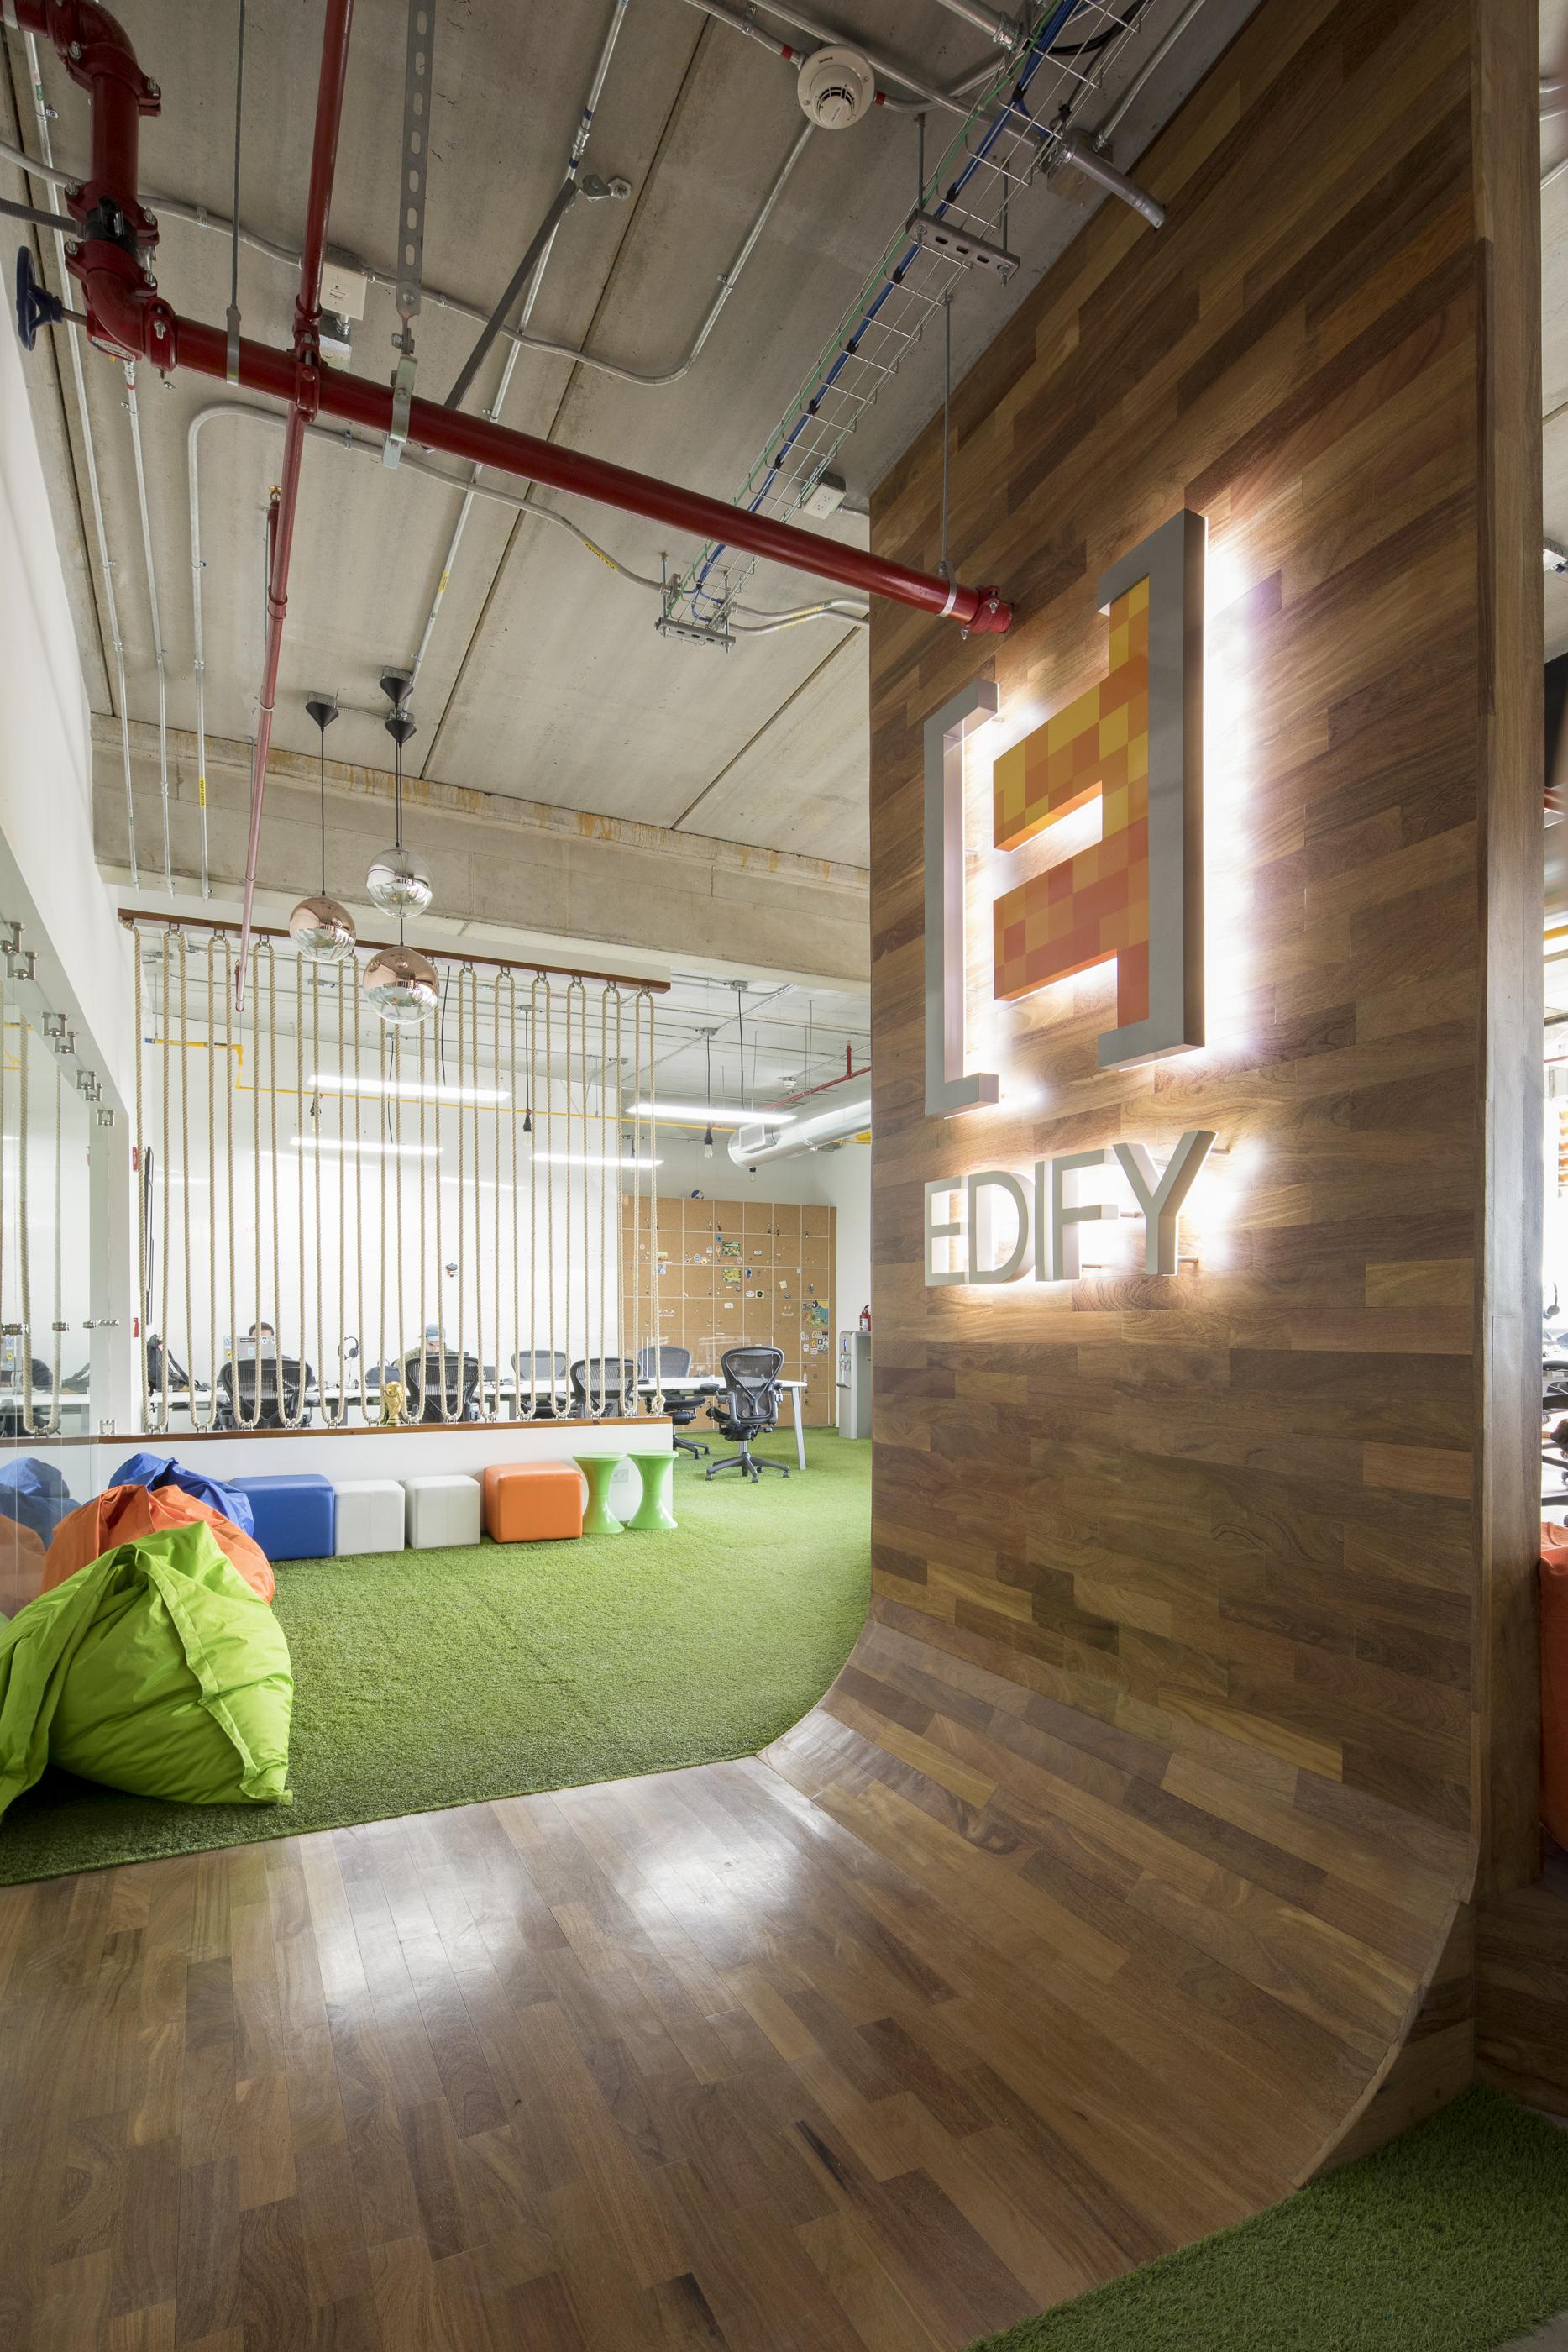 edifiy-3